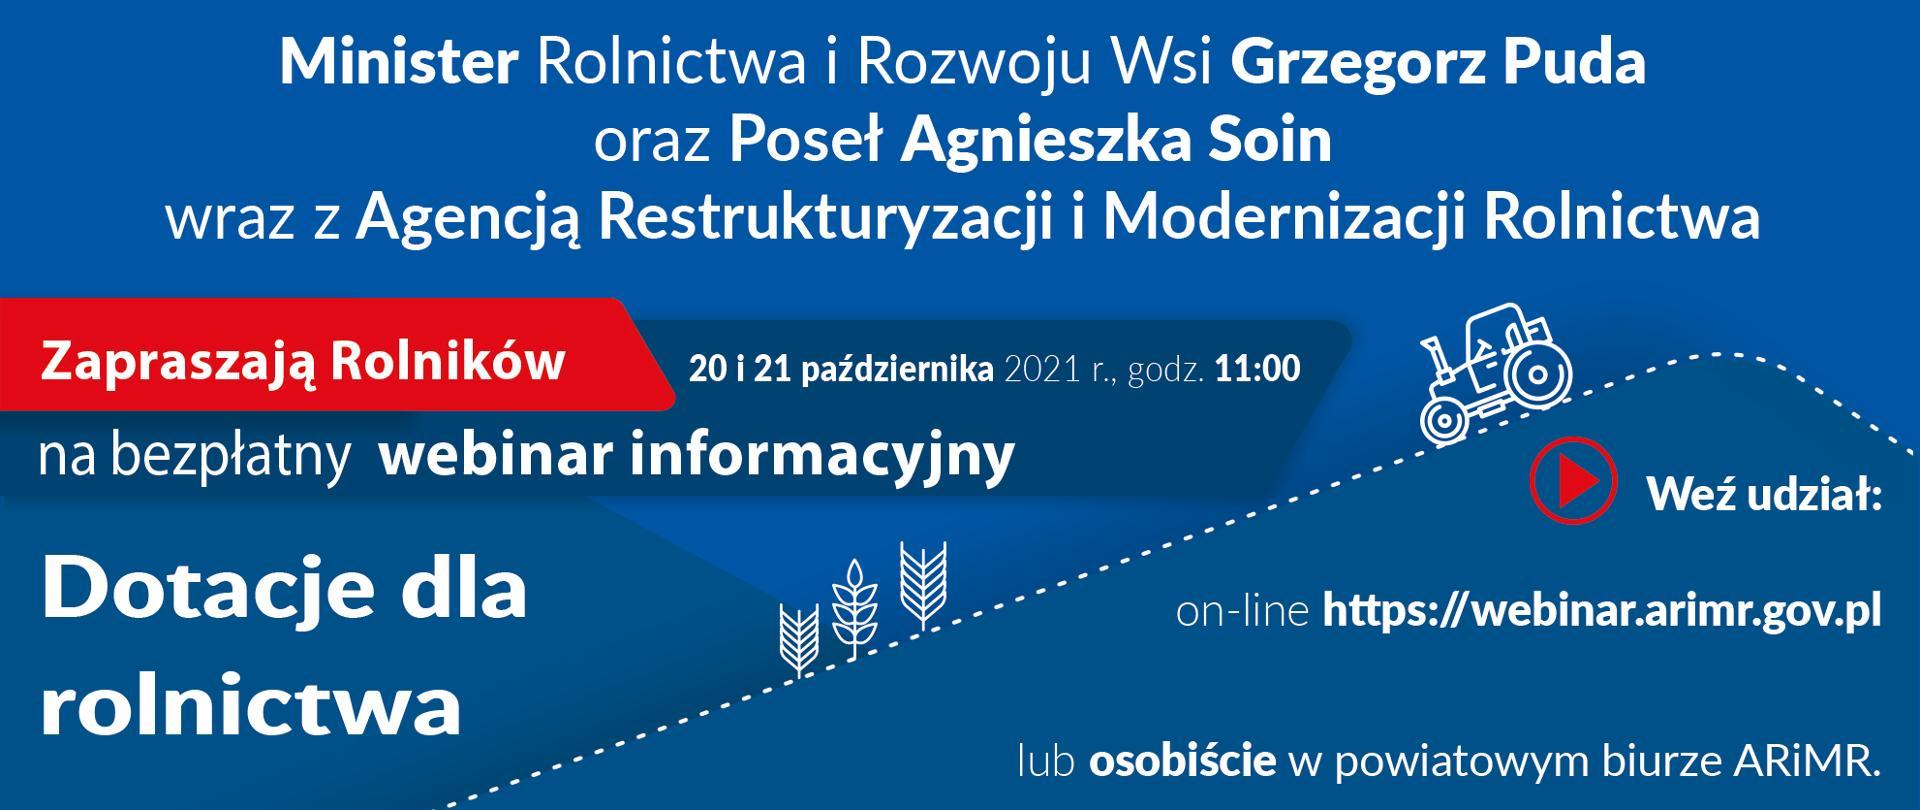 """Zdjęcie do artykułu Wkrótce kolejny webinar z cyklu """"Dotacje dla rolnictwa"""""""